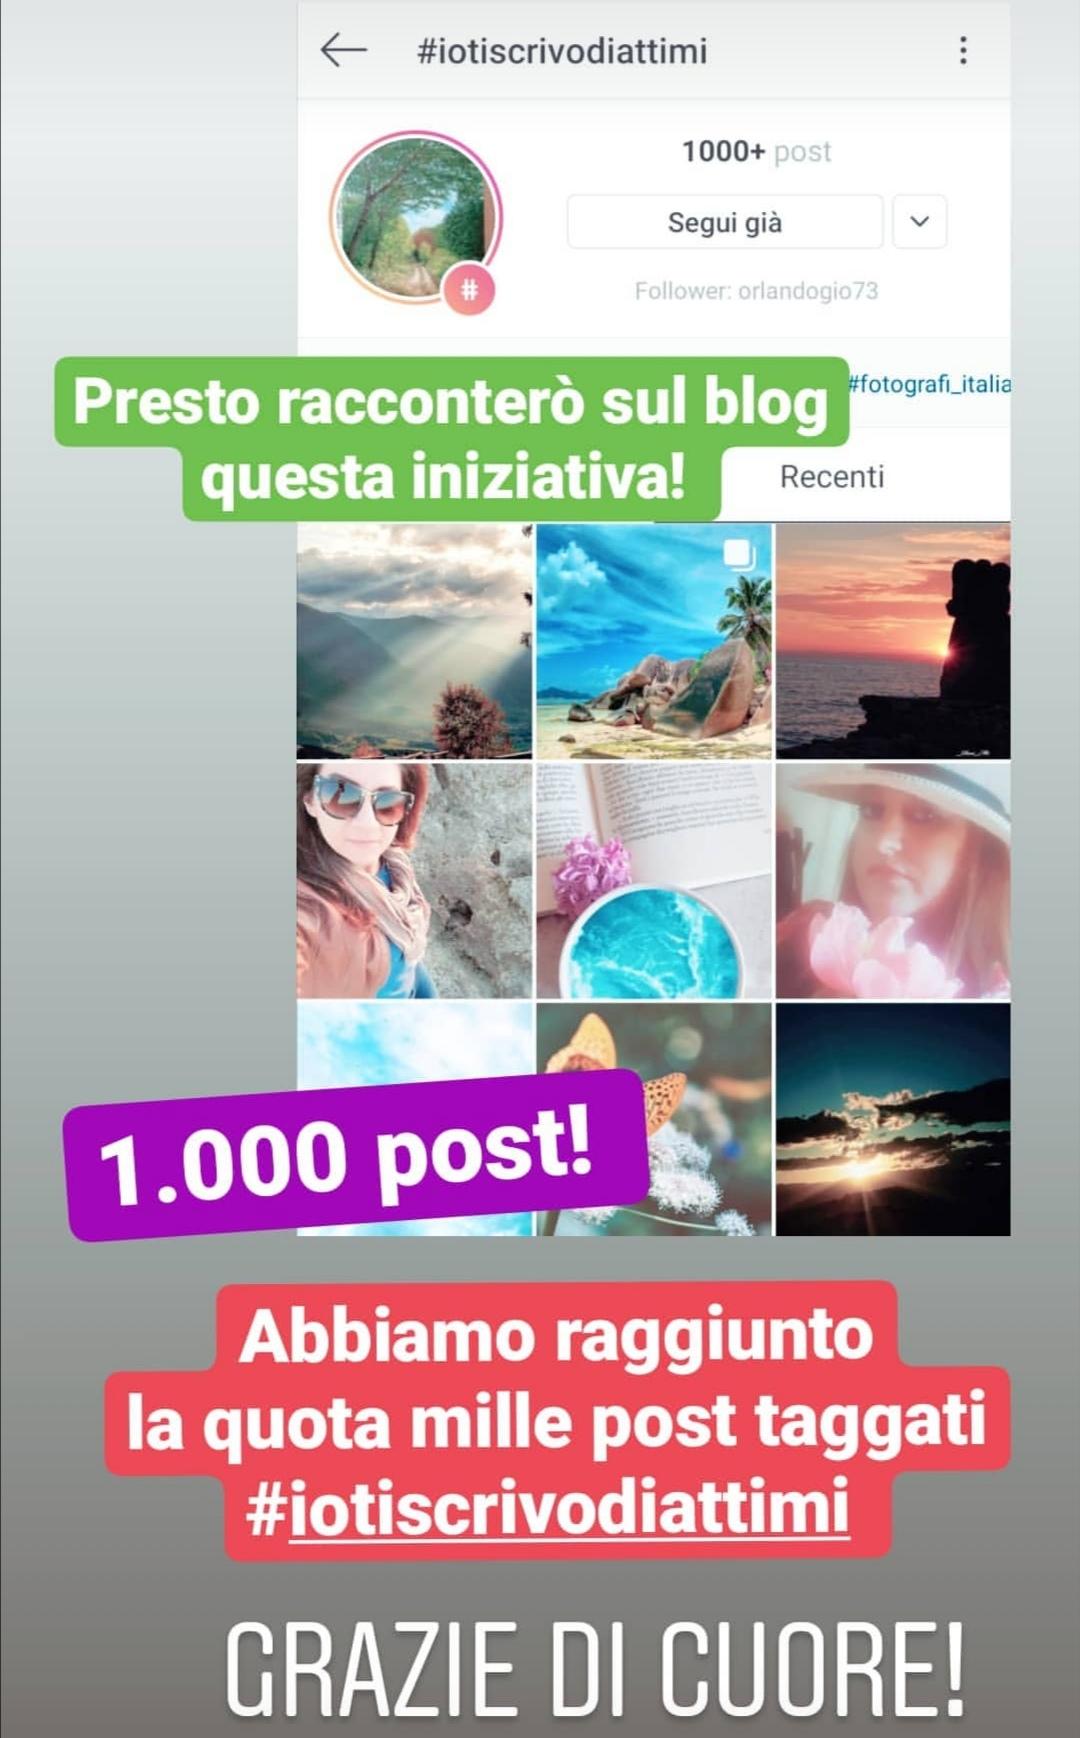 #iotiscrivodiattimi_mille